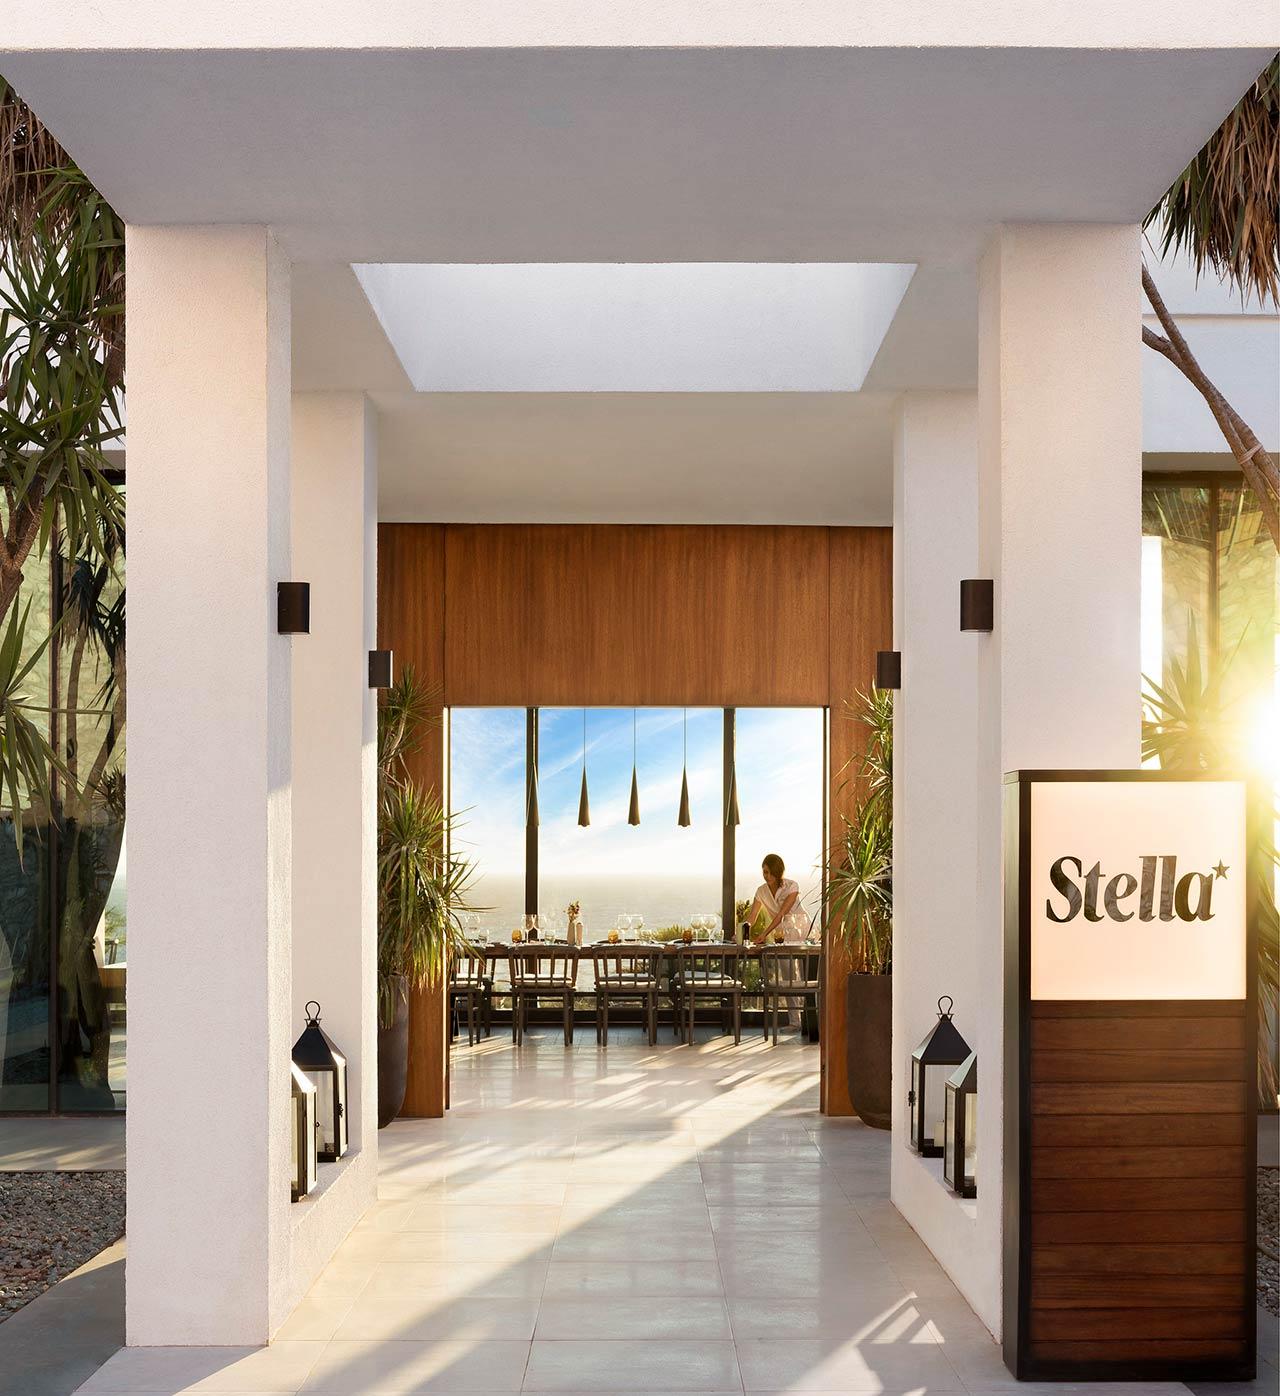 Stella餐厅